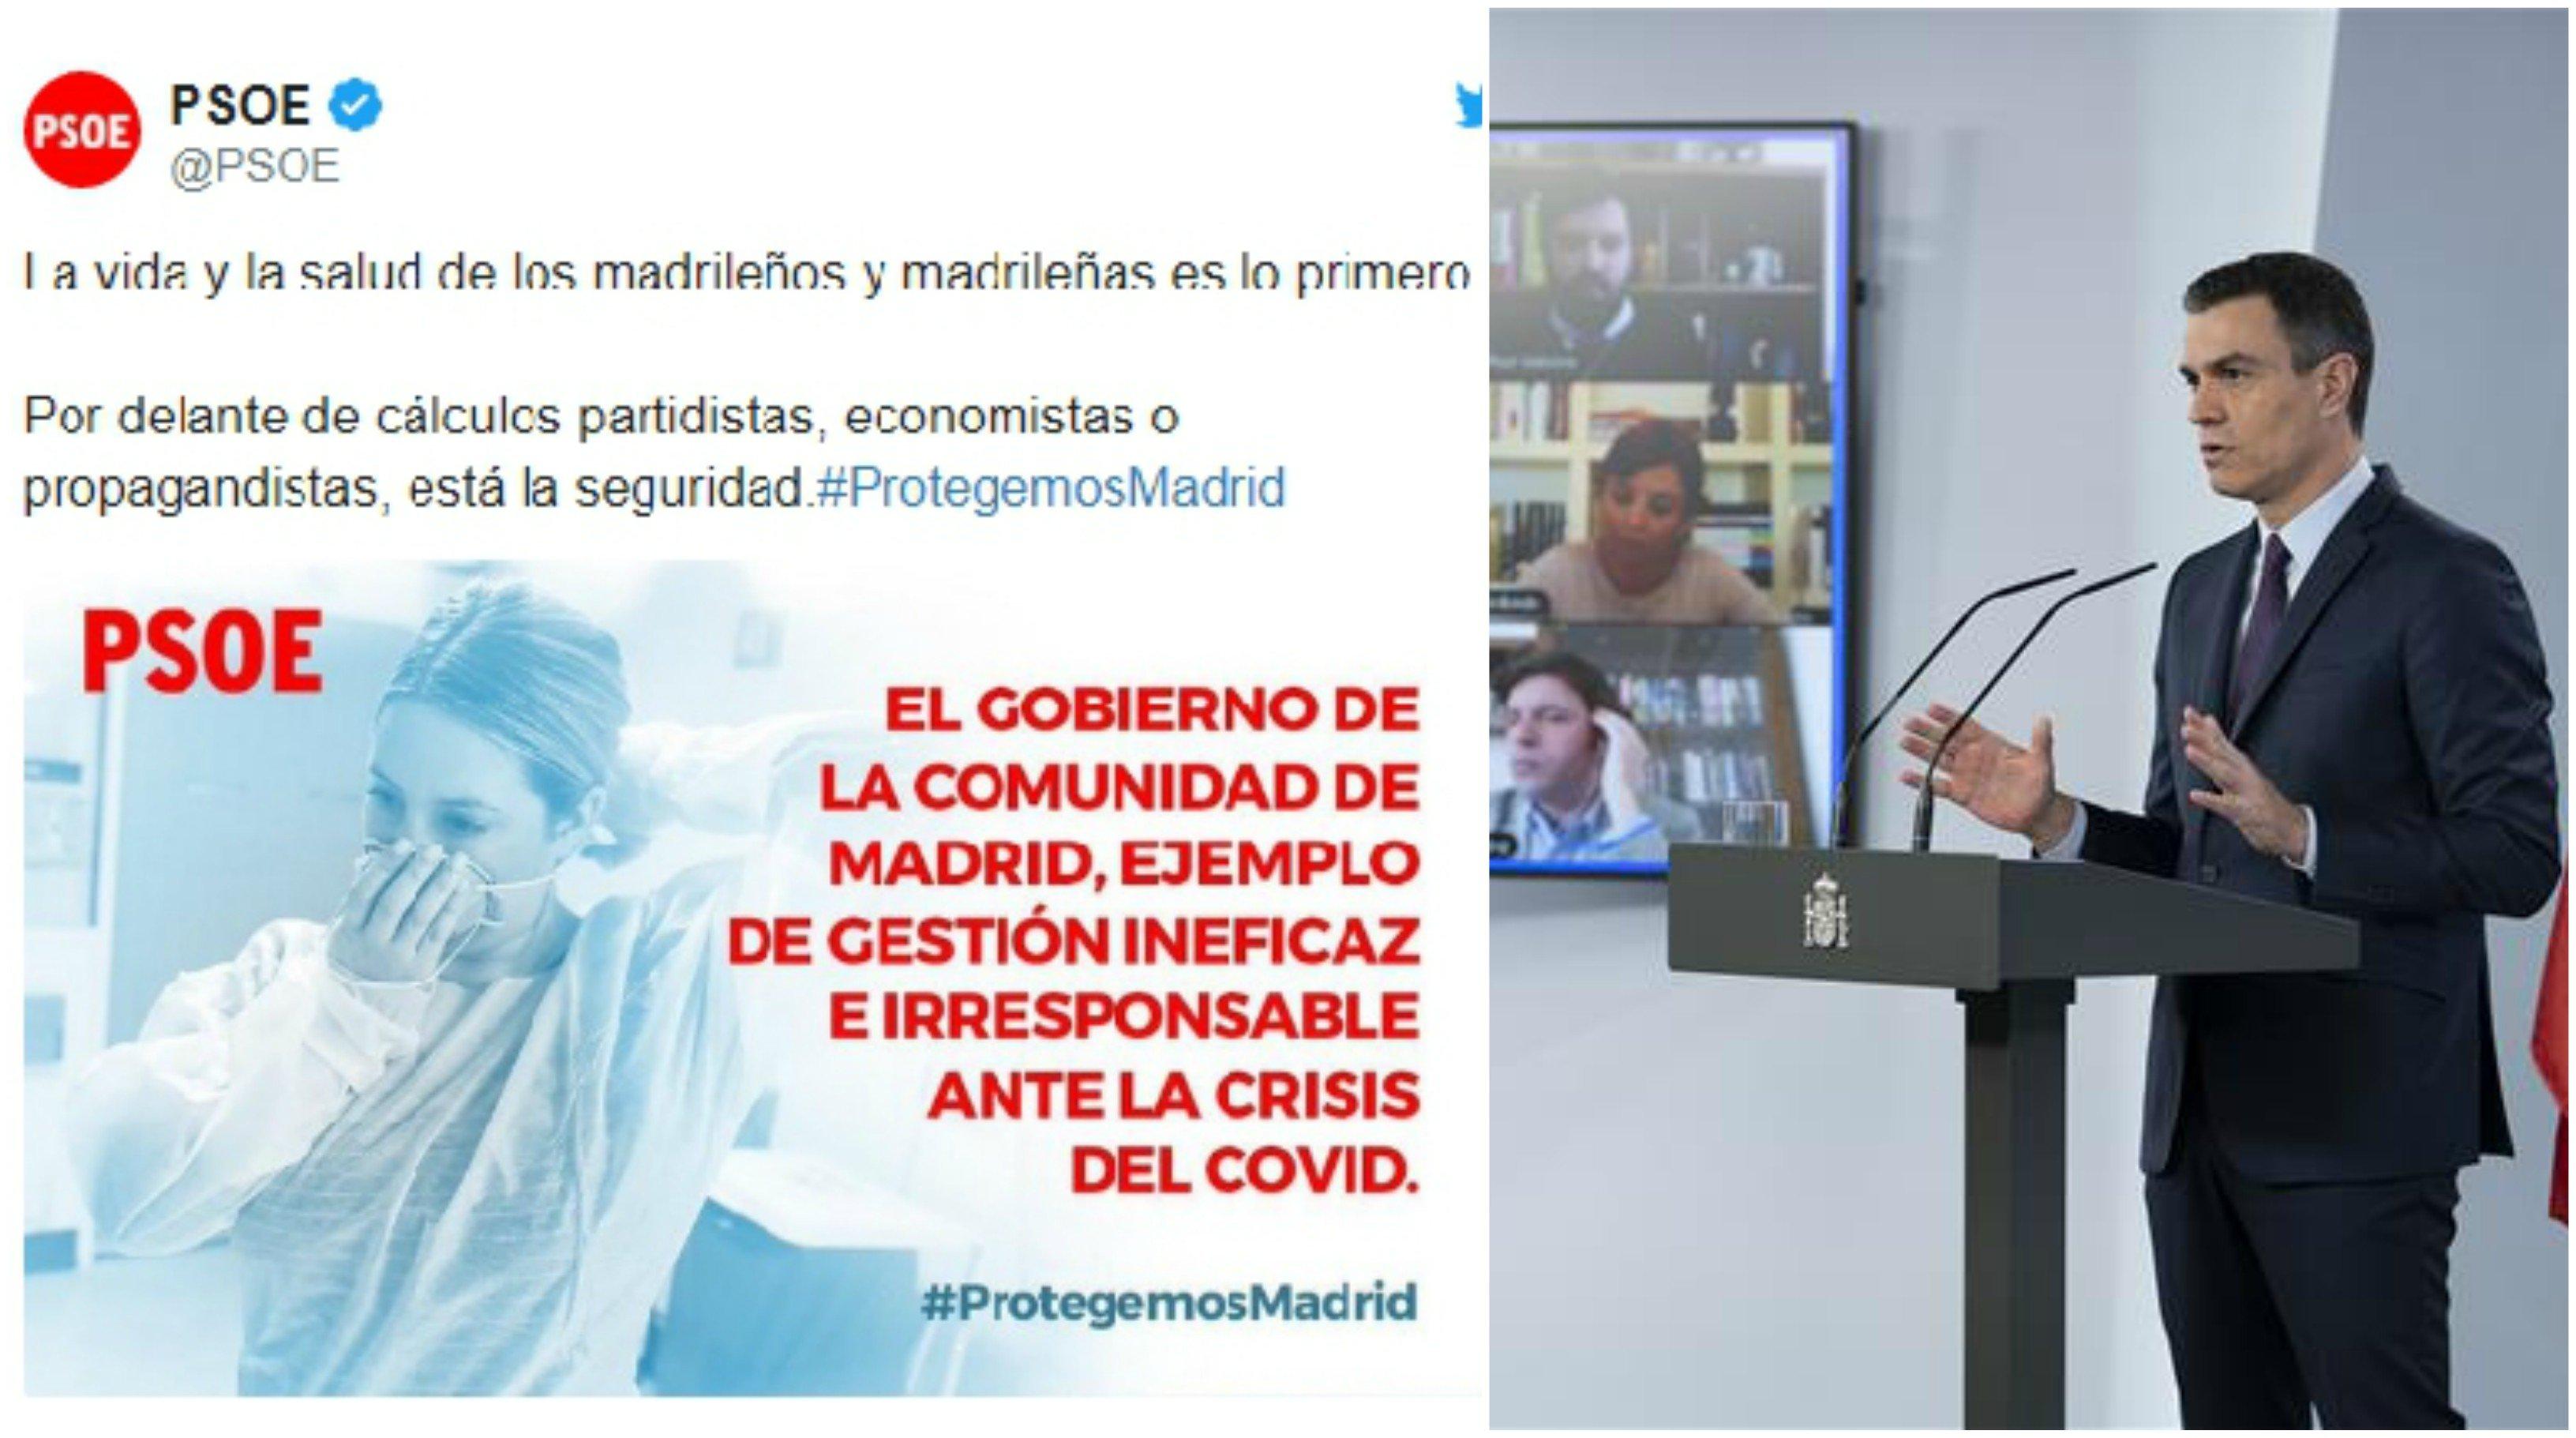 El PSOE critica en un tuit a la CAM por su mala gestión del coronavirus. Pedro Sánchez responde a los periodistas: Yo no sabía nada, estoy a lo mío... Si sólo soy el secretario general del partido